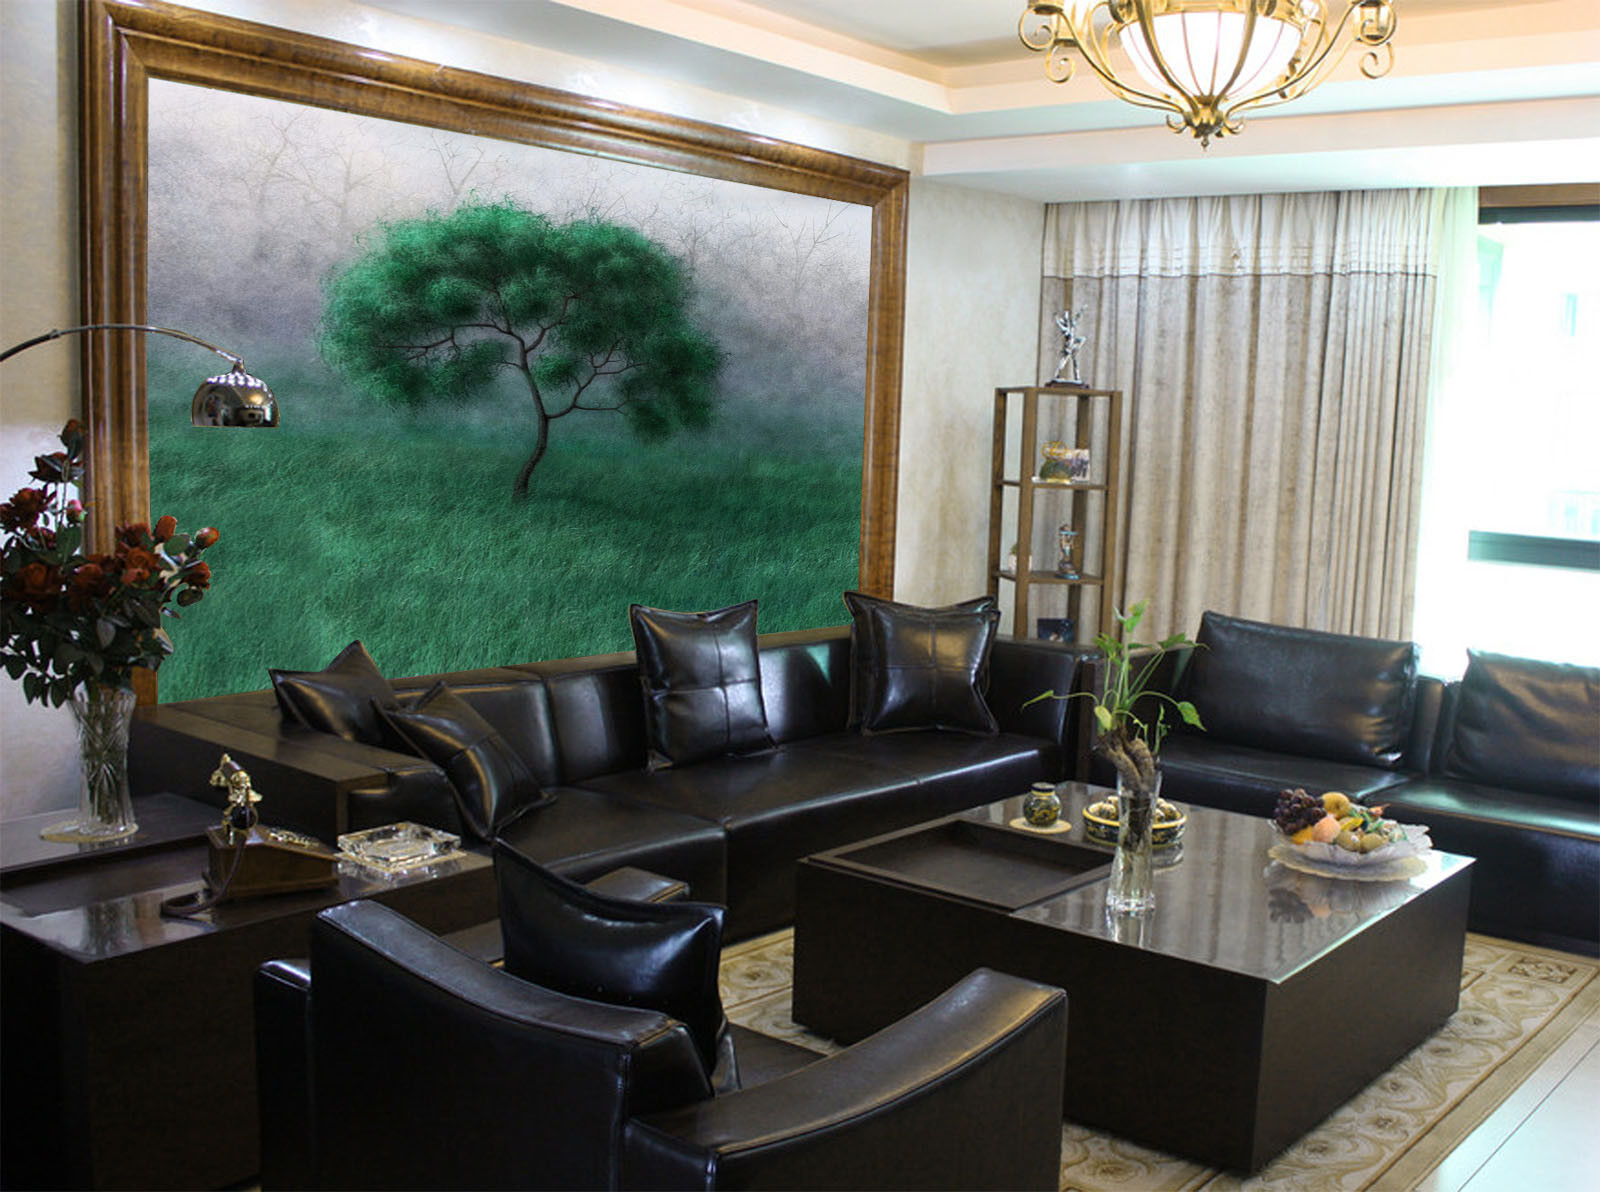 3D Grüner Baum Grünland 864 Tapete Wandgemälde Tapete Tapeten Bild Familie DE